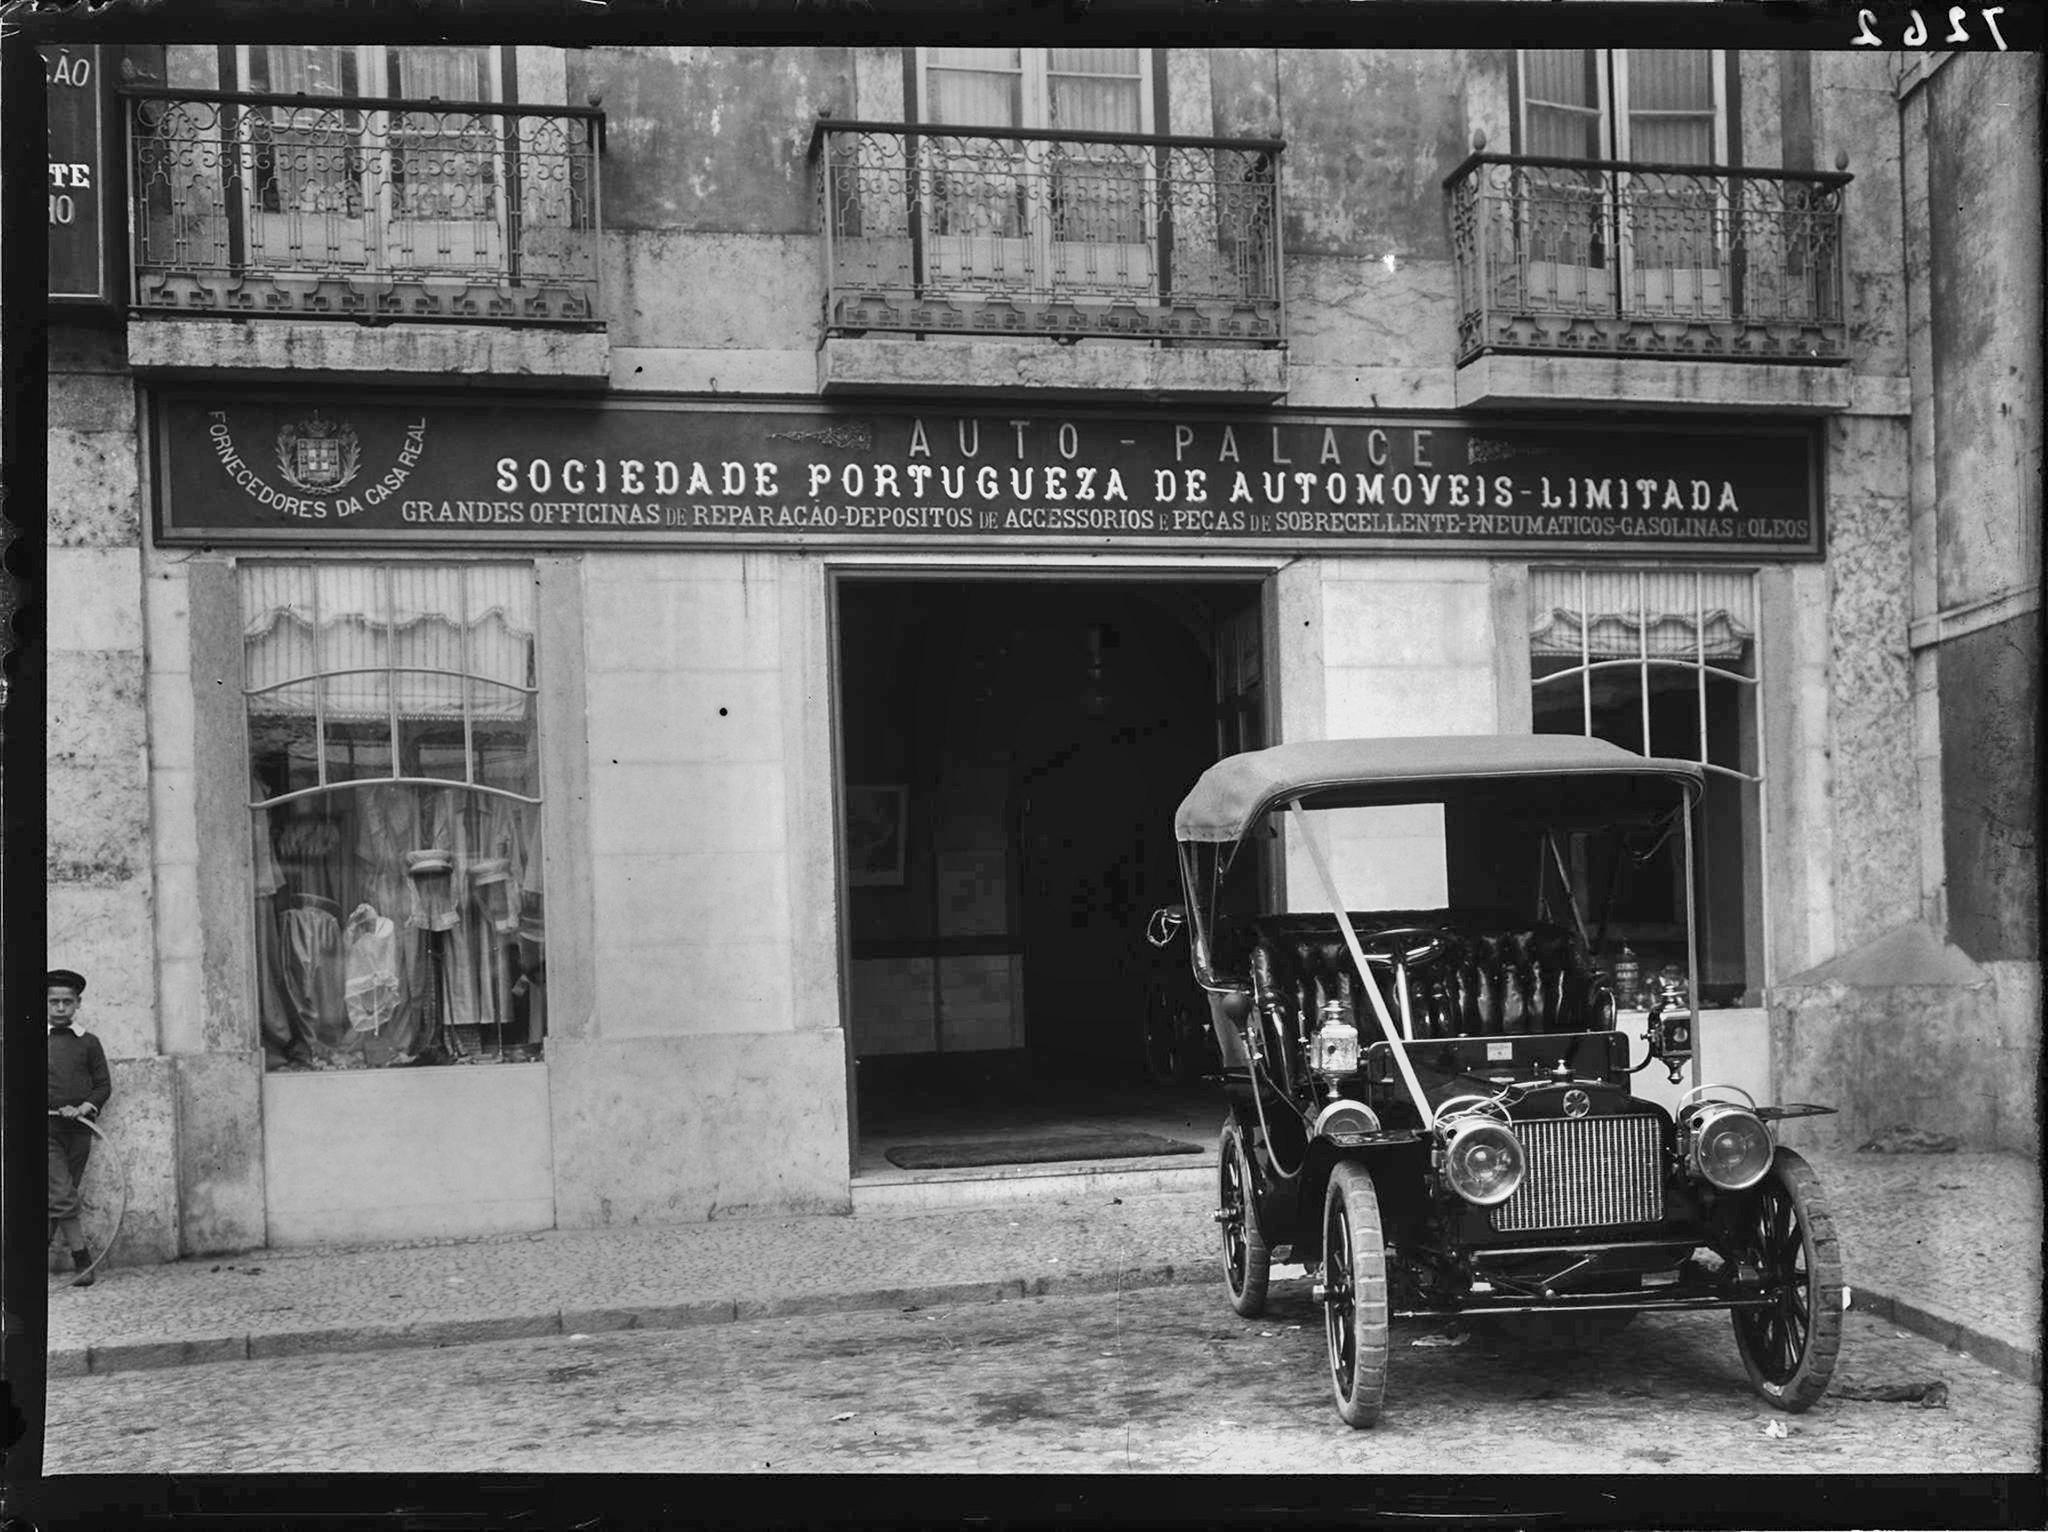 Auto- Palace, Soc. Portugueza de Automoveis, Ltda. (P. Guedes, 190...)